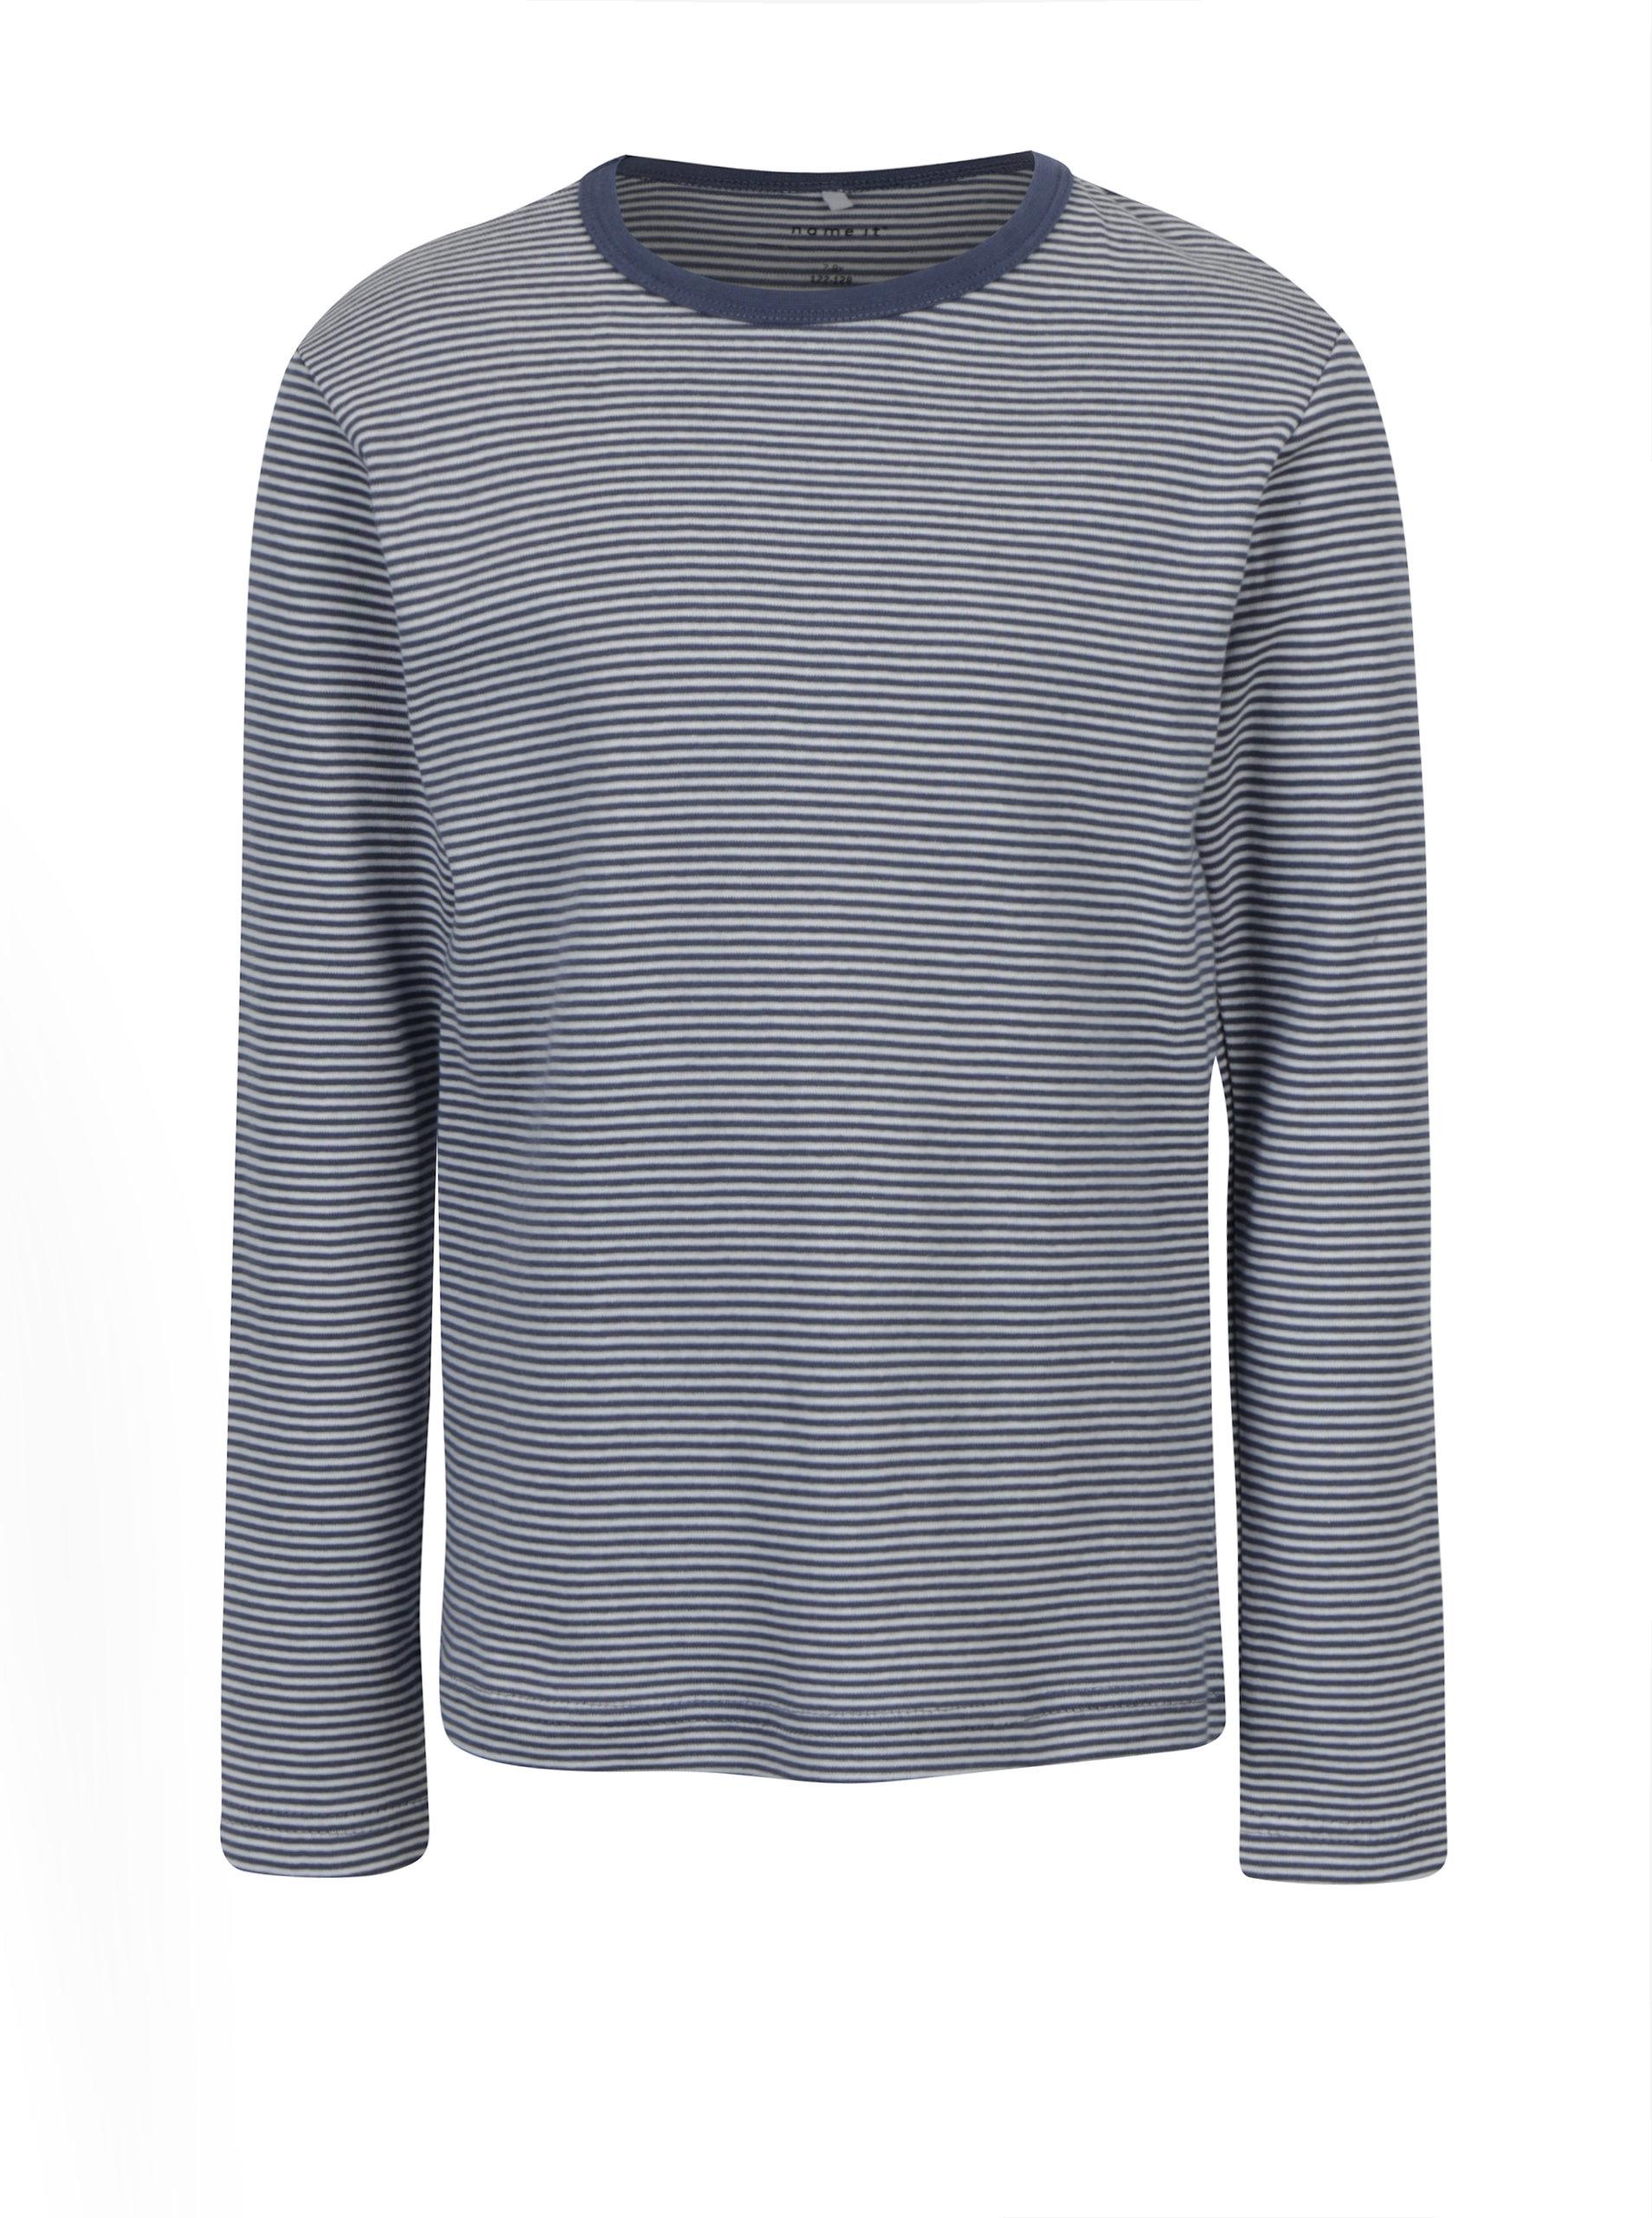 Krémovo-modré holčičí pruhované tričko s dlouhým rukávem name it Villy ... d806dd8b0b